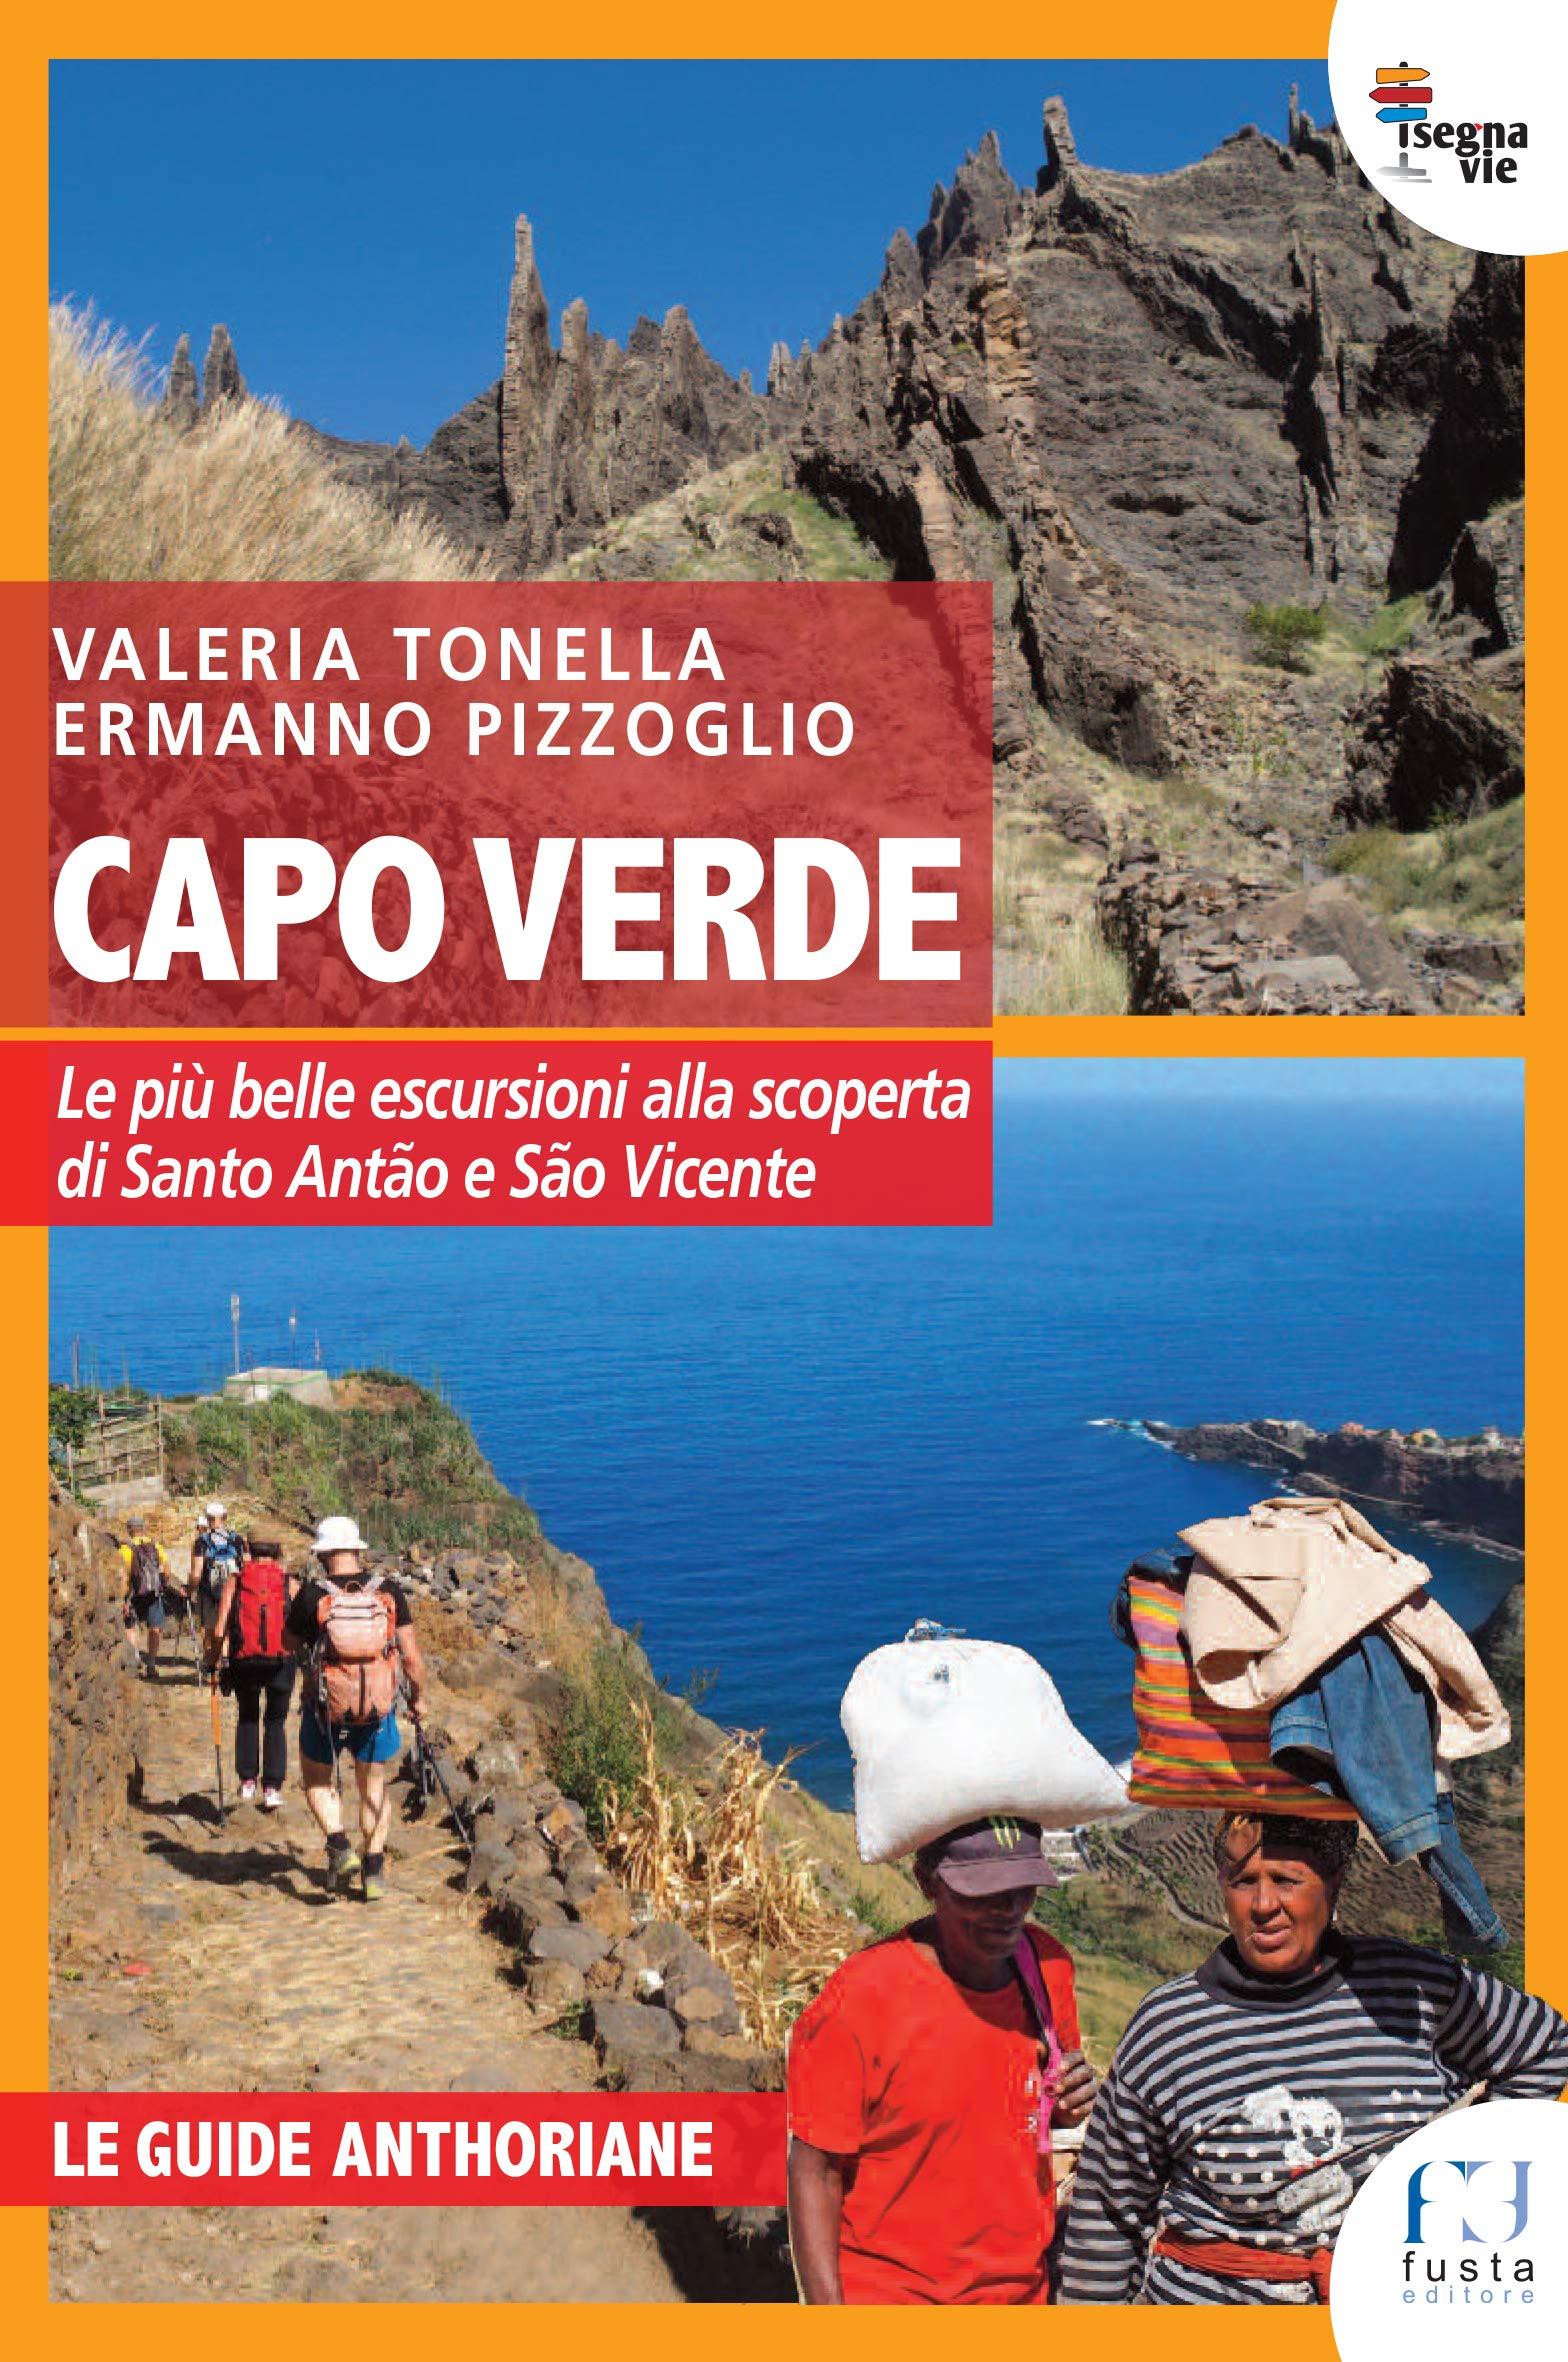 Capo Verde. Le più belle escursioni alla scoperta di Santo Antao e Sao Vincente: la recensione